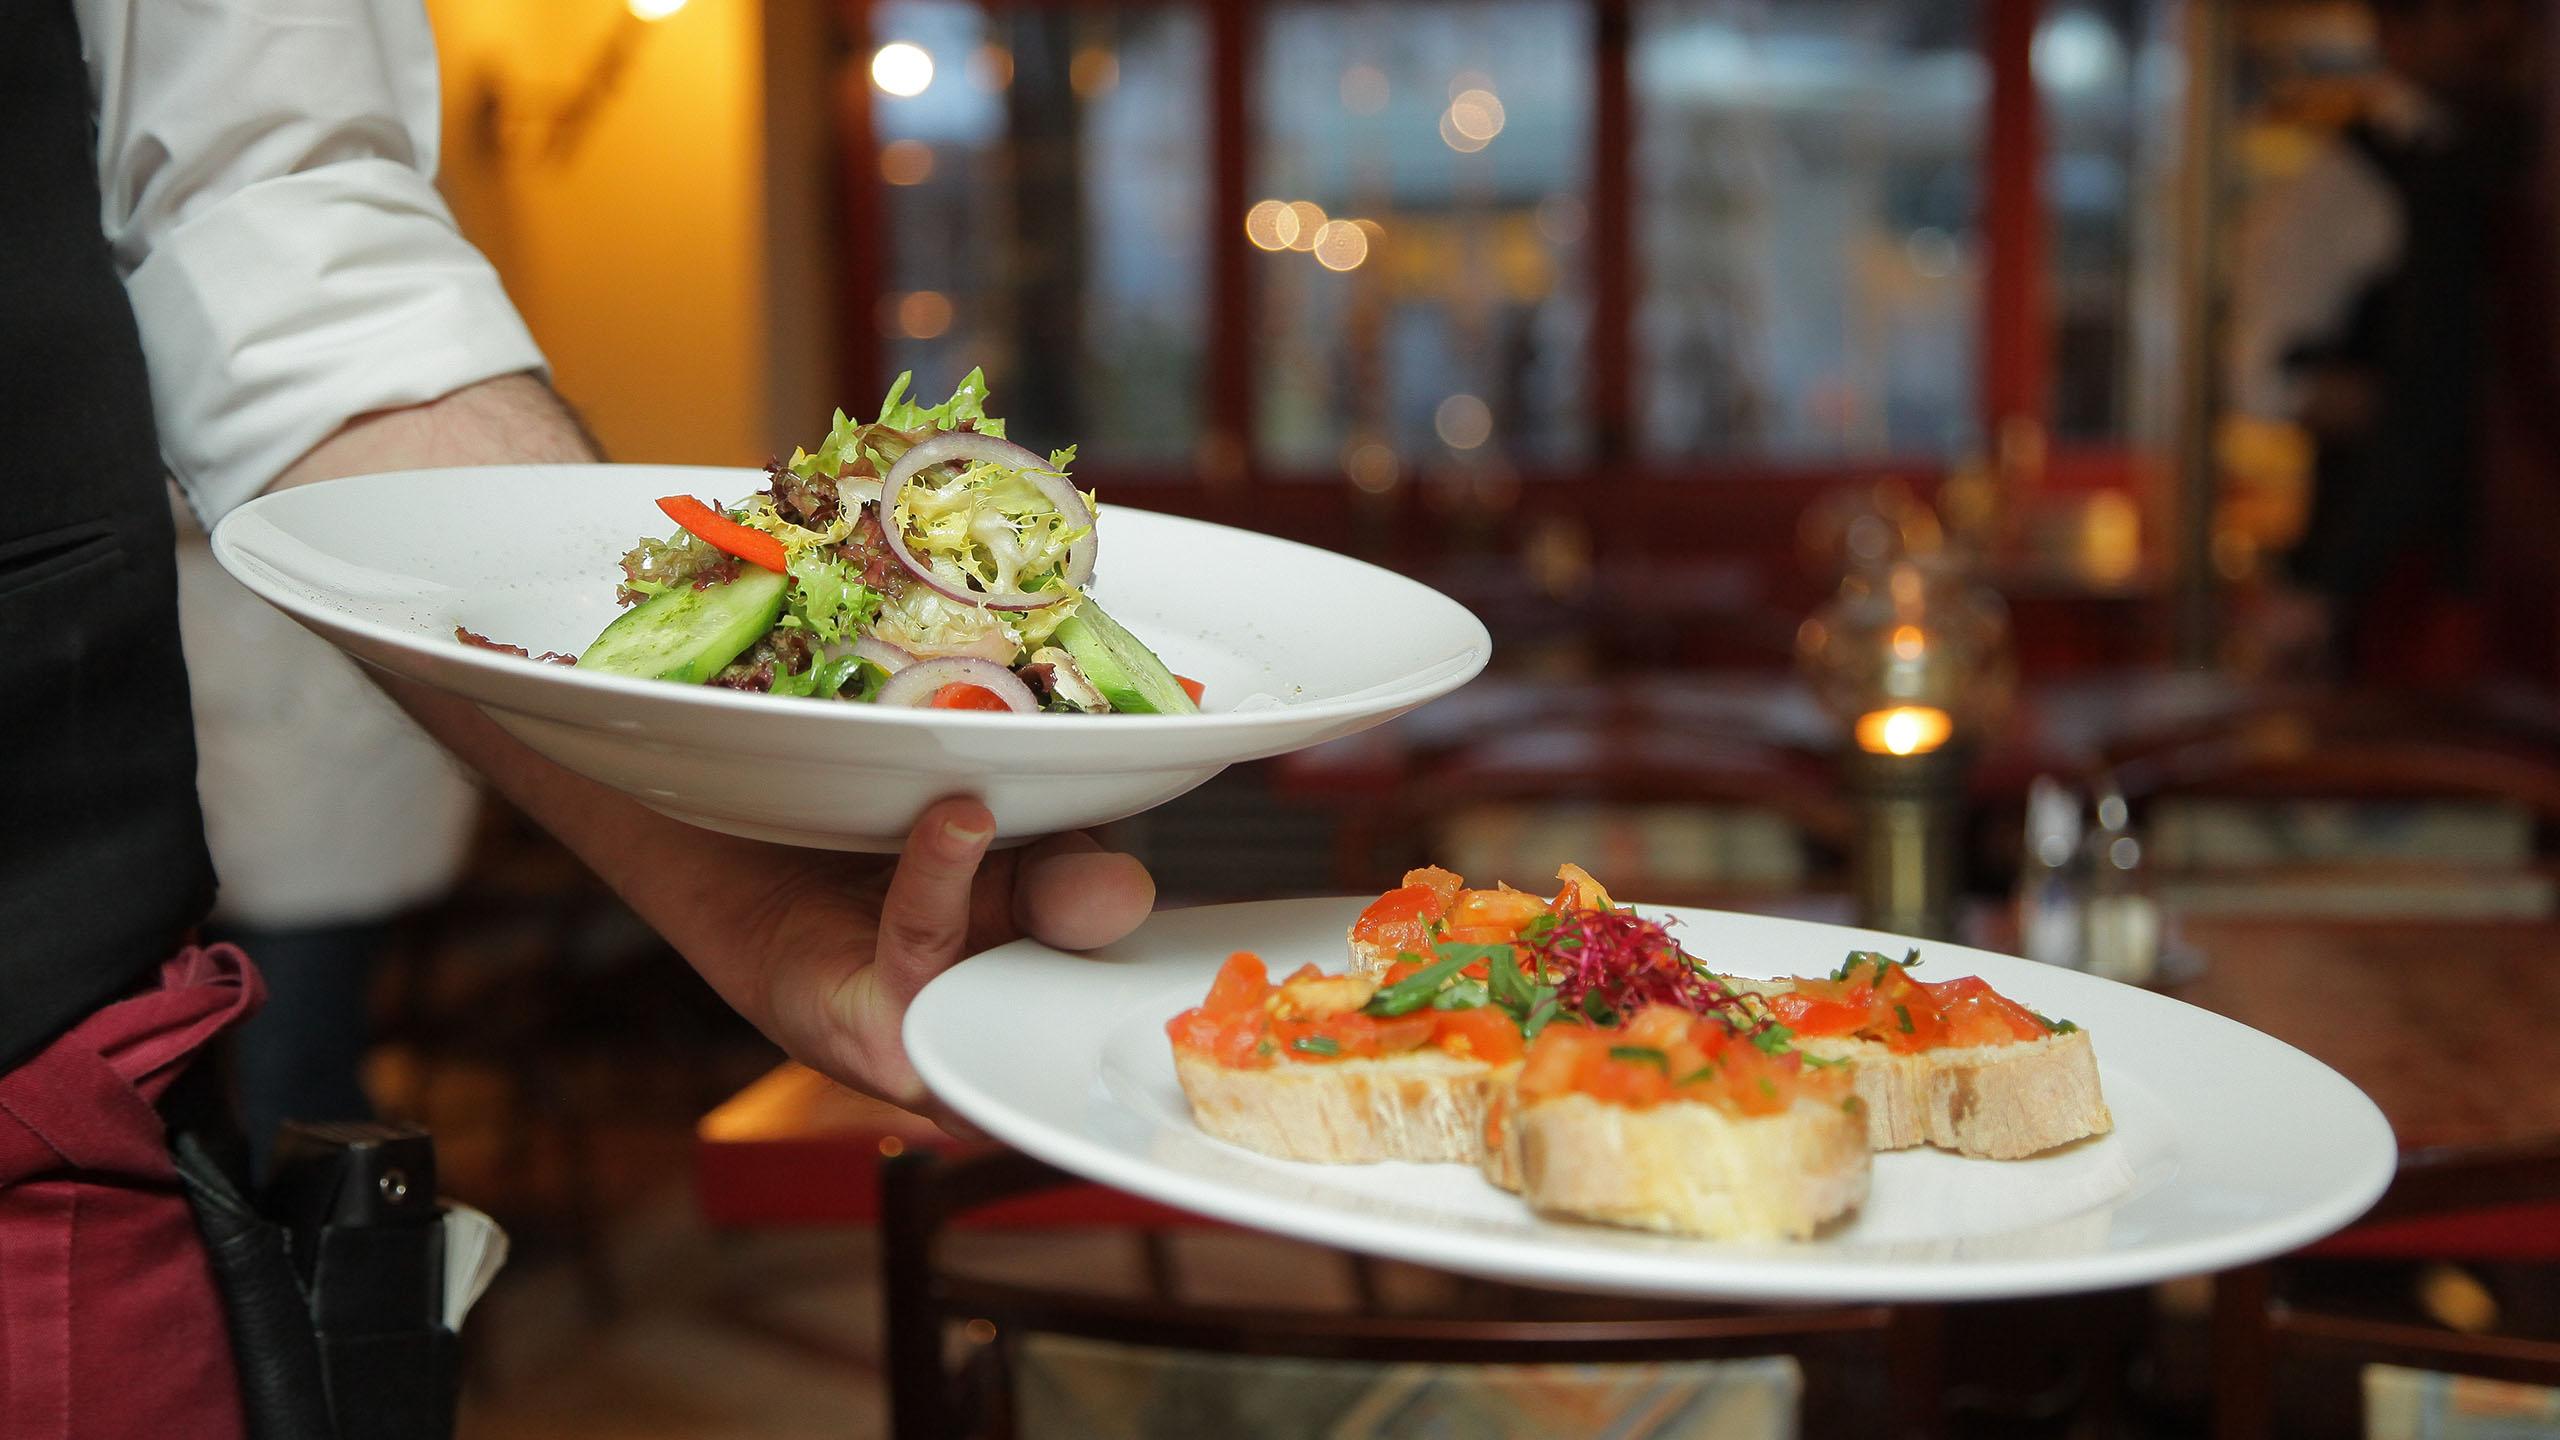 ¿Cómo regresar comida en un restaurante?